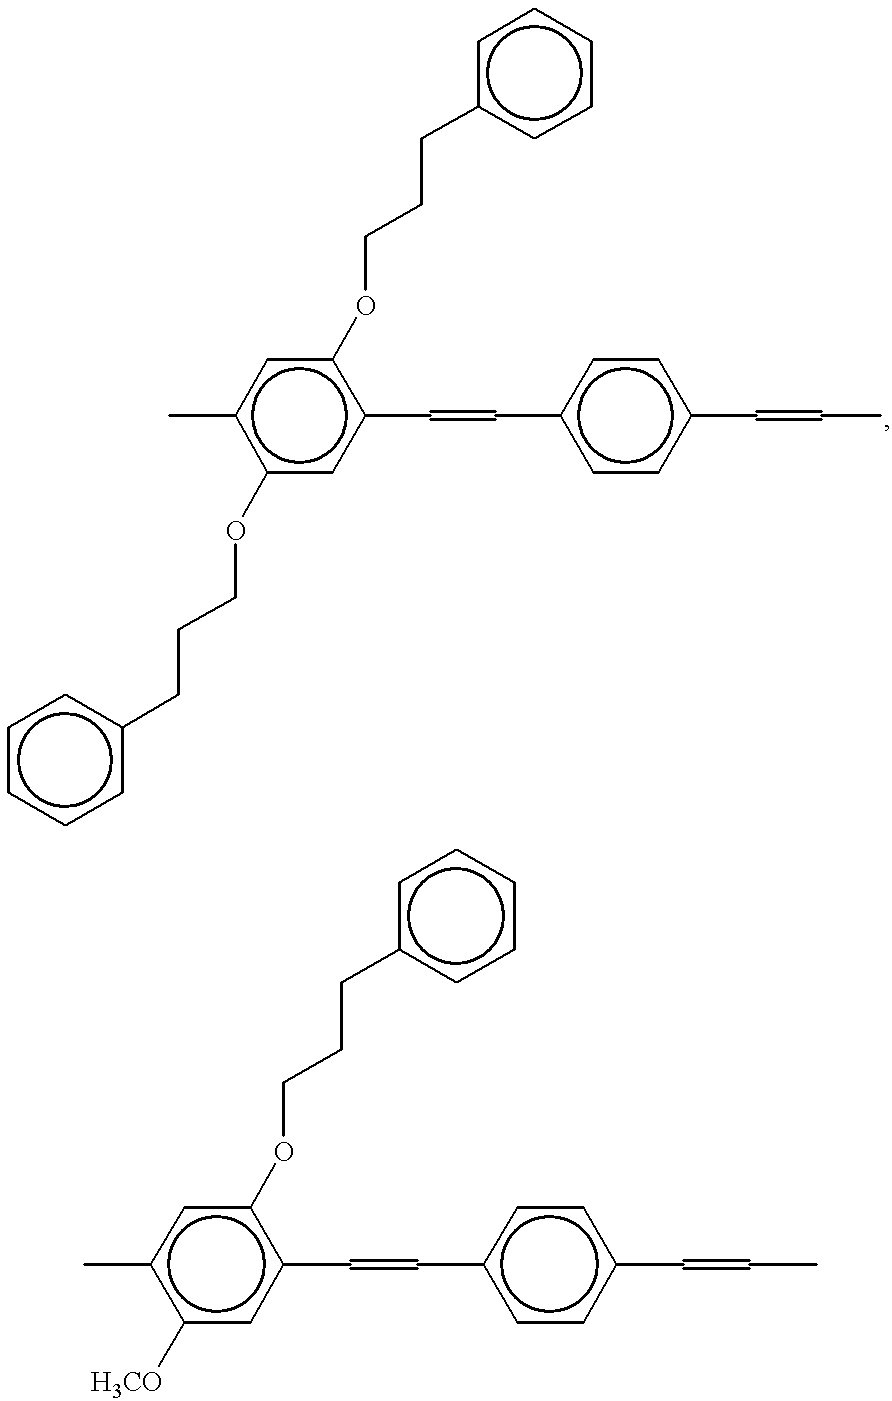 Figure US06207301-20010327-C00012